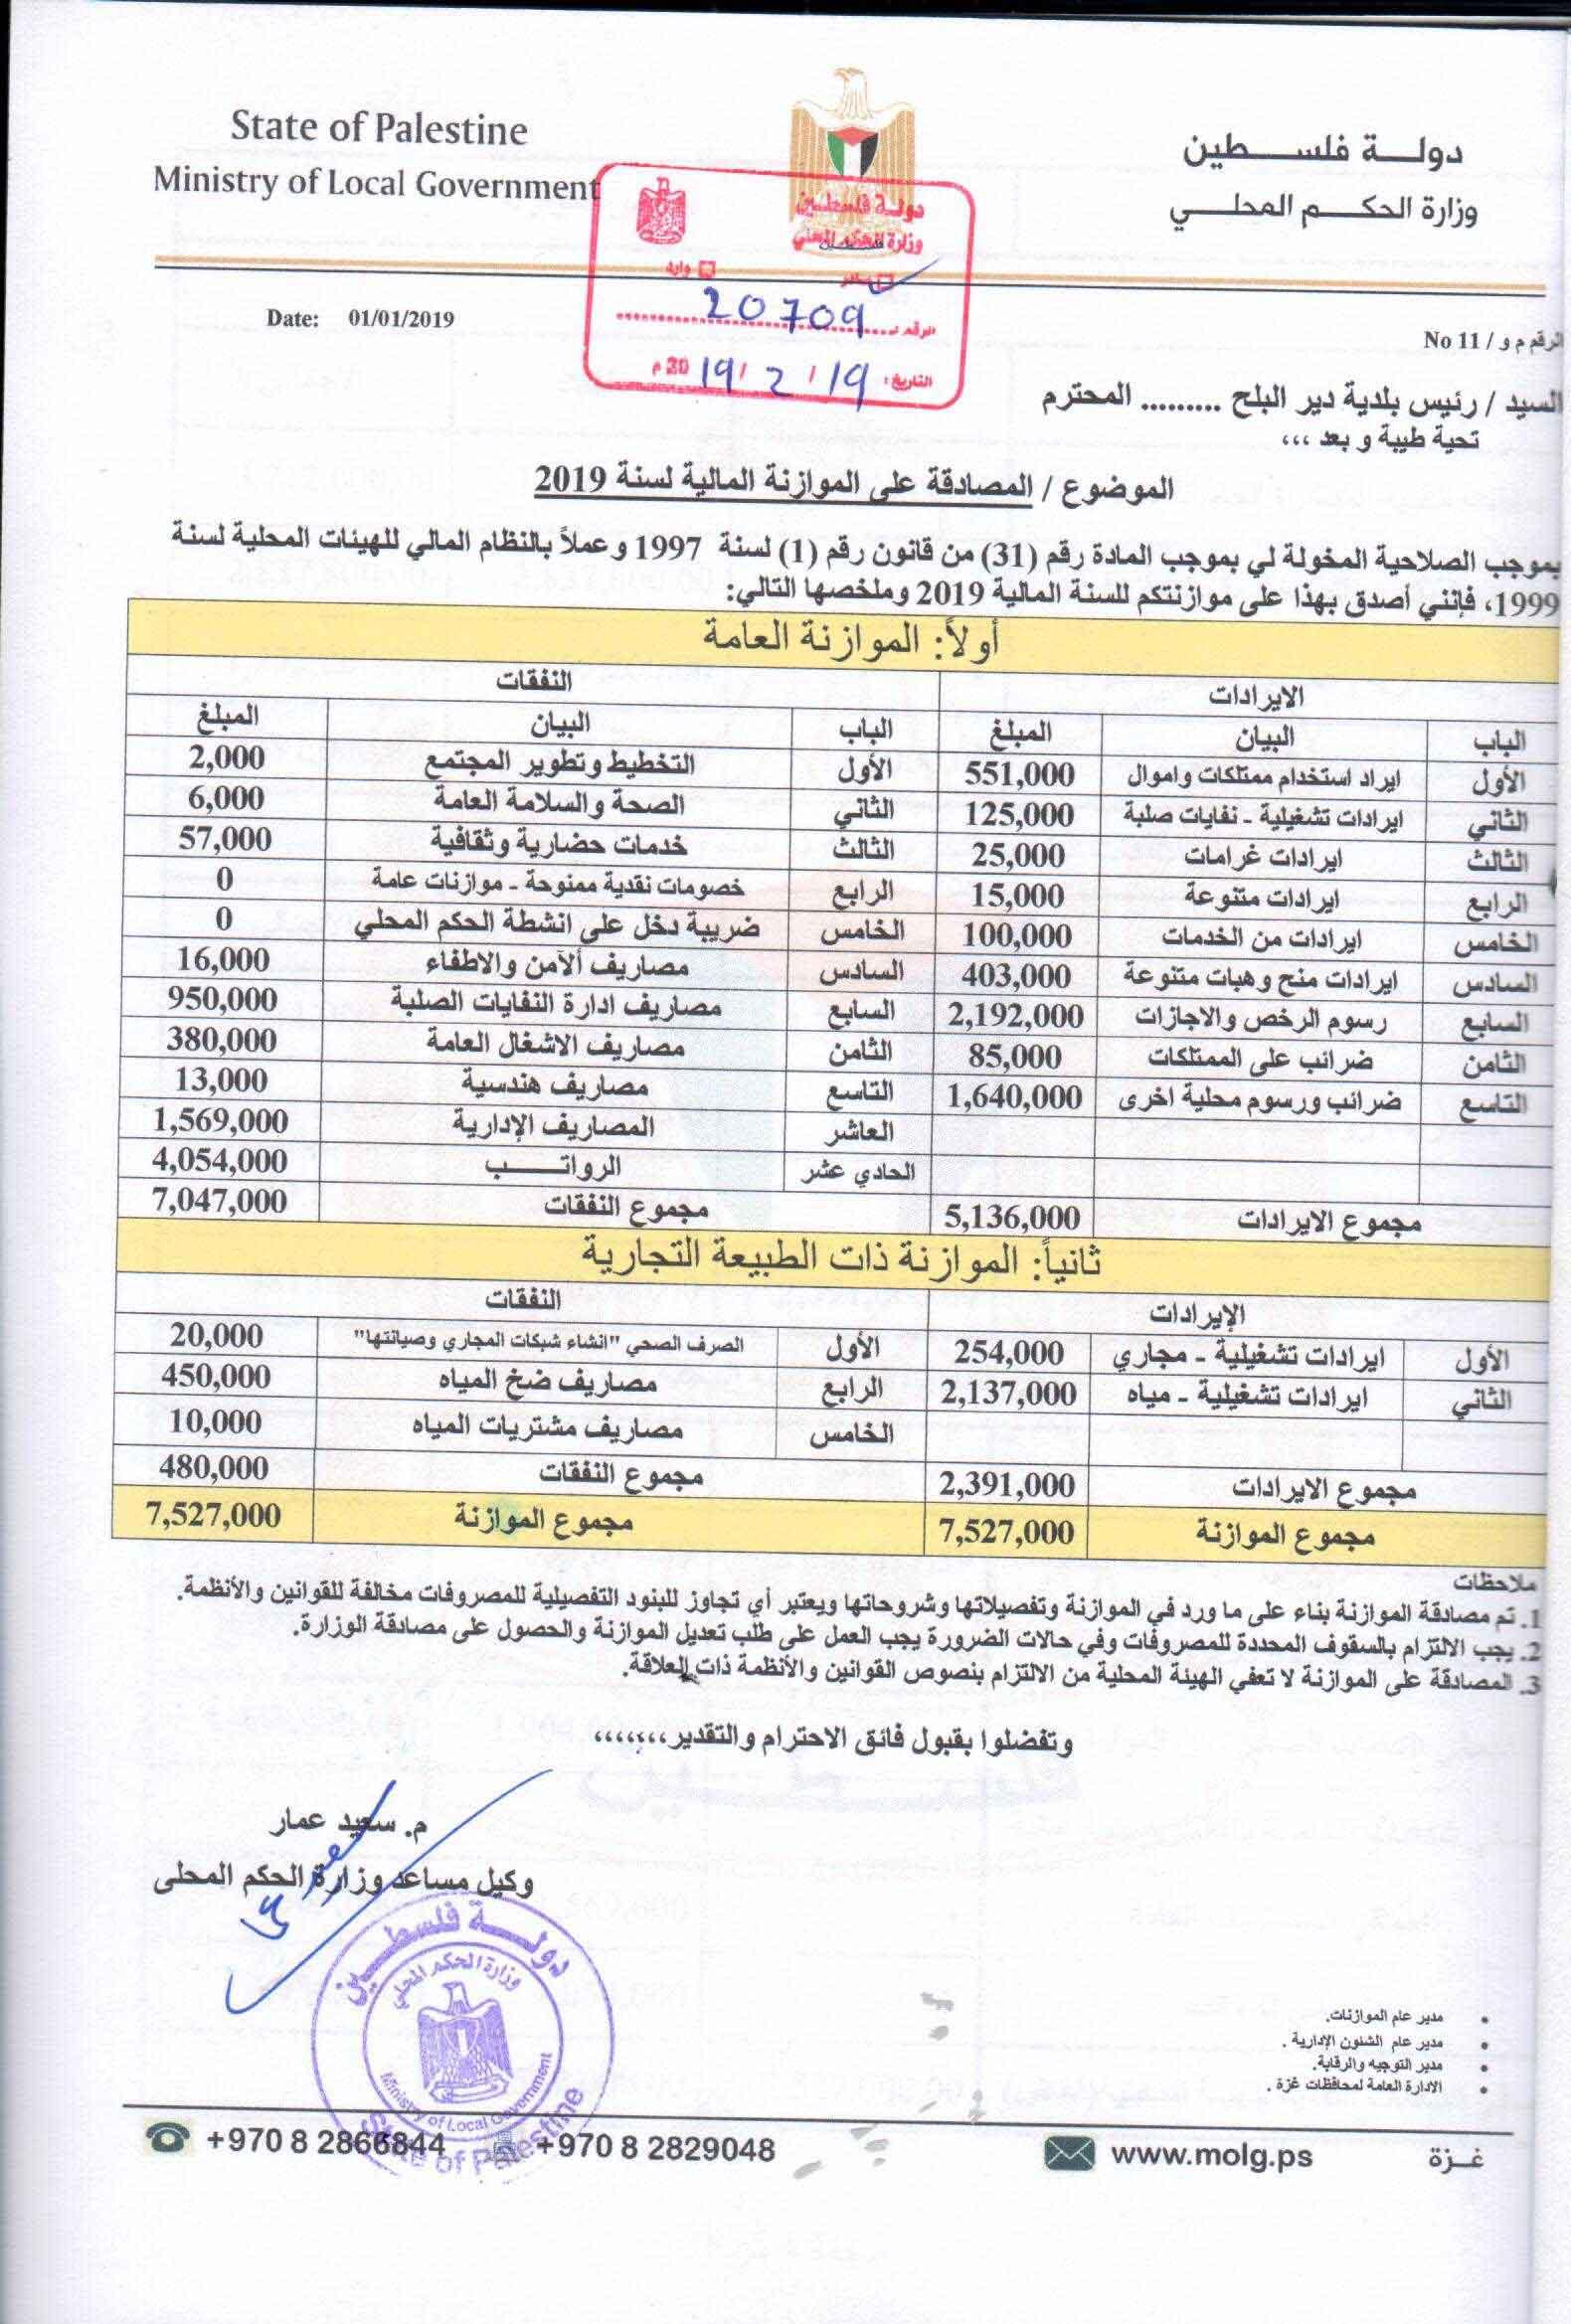 الموازنة المالية لسنة 2019لبلدية دير البلح، حيث تم المصادقة عليها من قبل وزارة الحكم المحلي